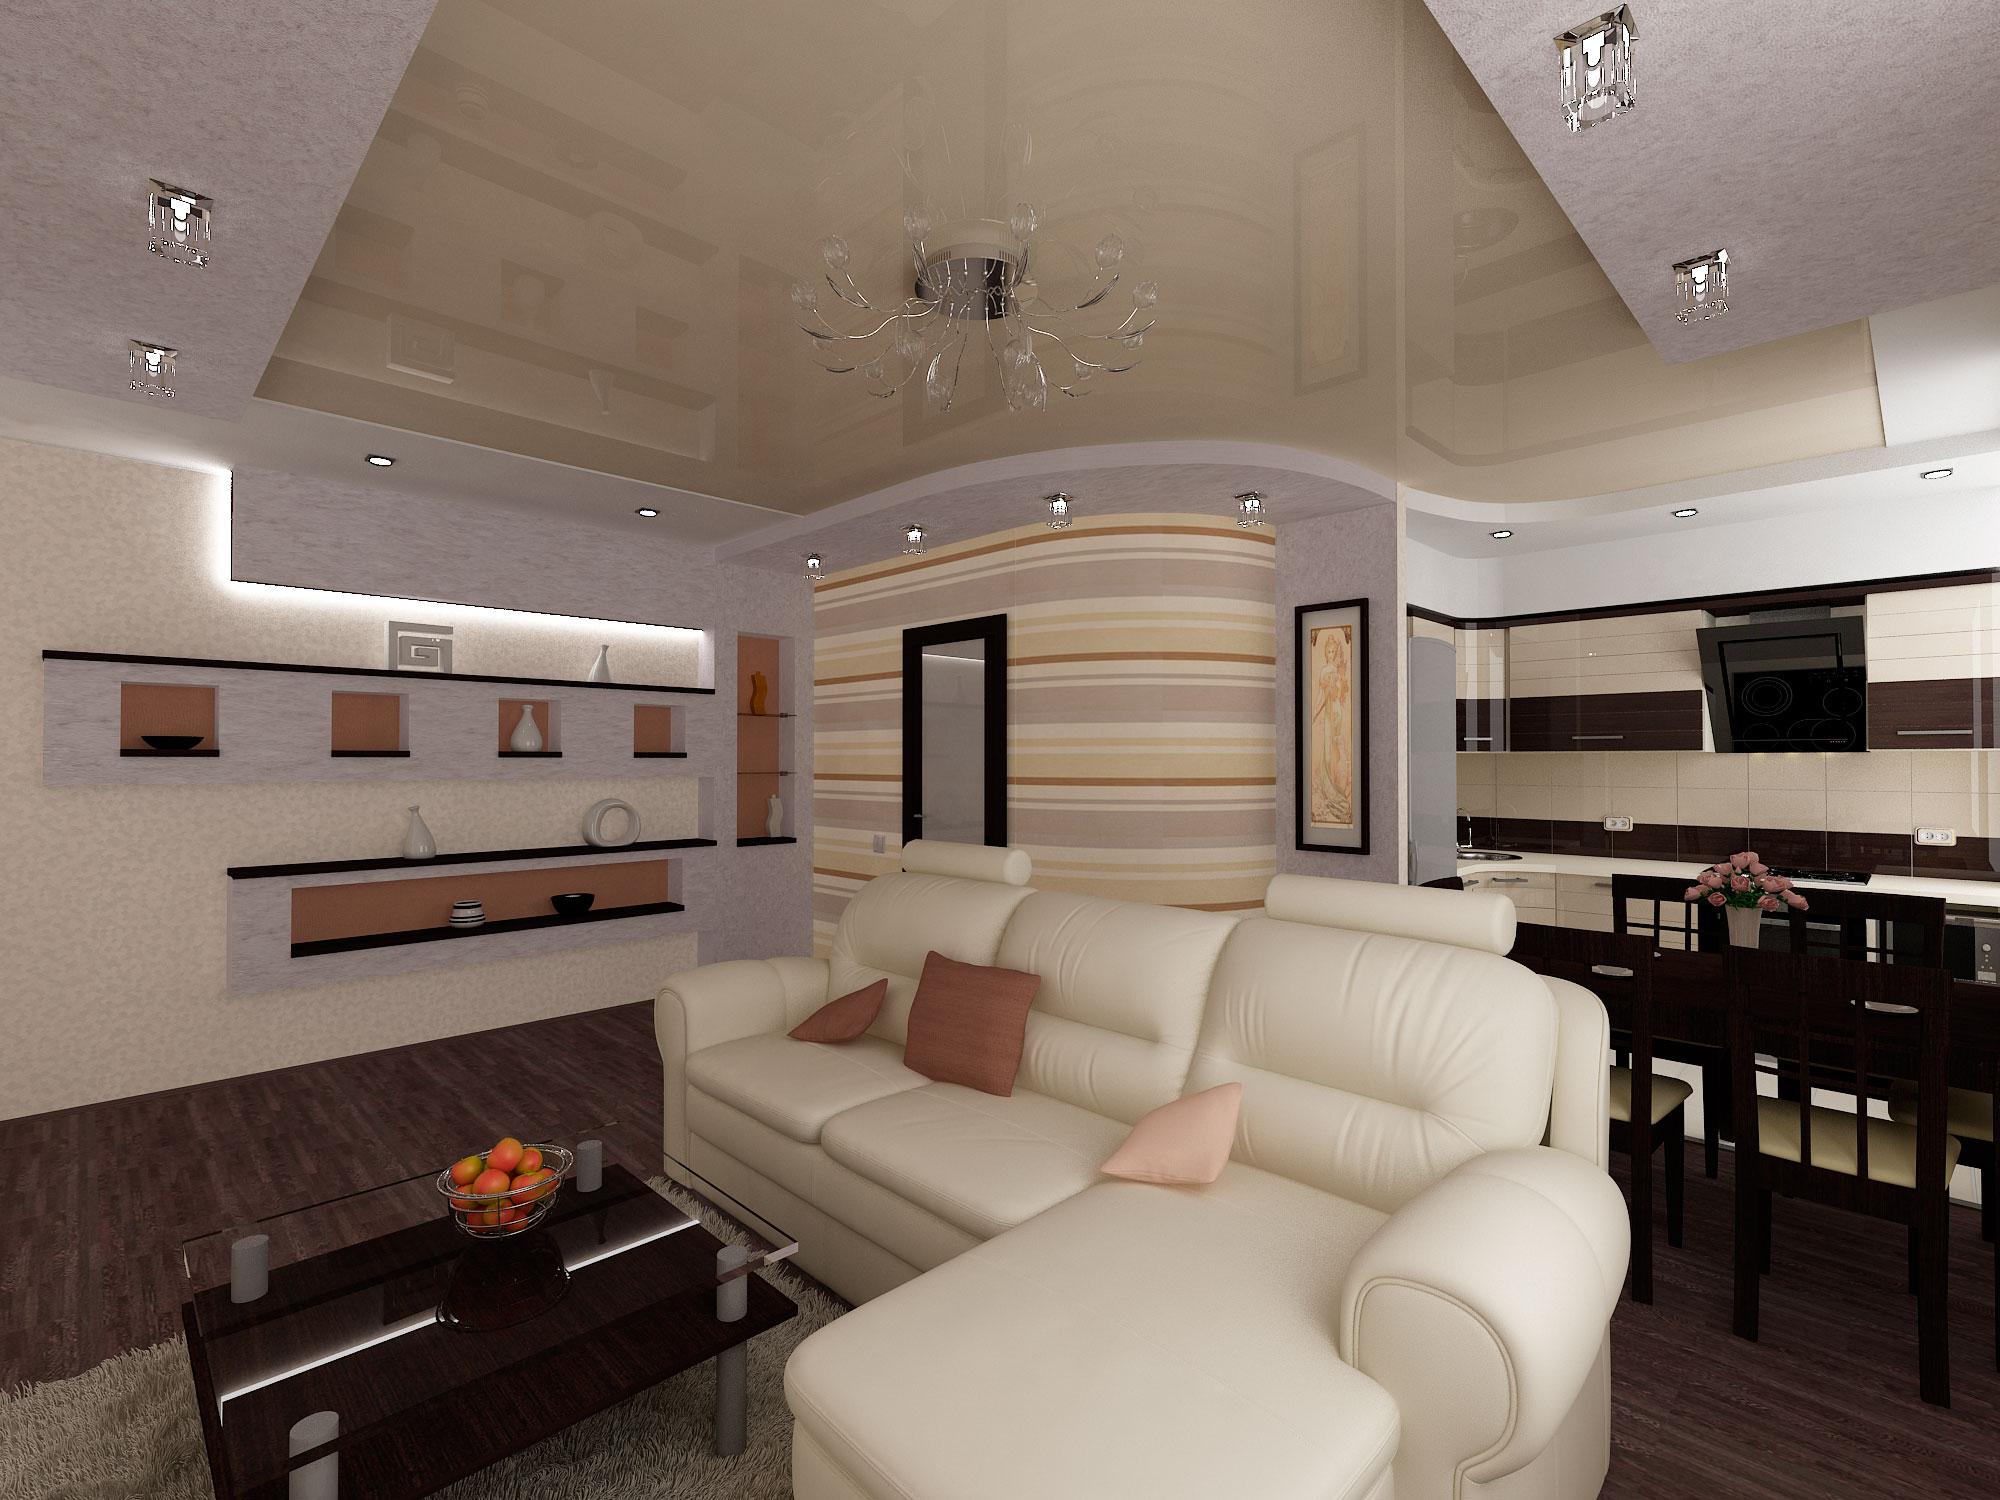 Кухня-гостиная дизайн фото 18 кв.м с диваном